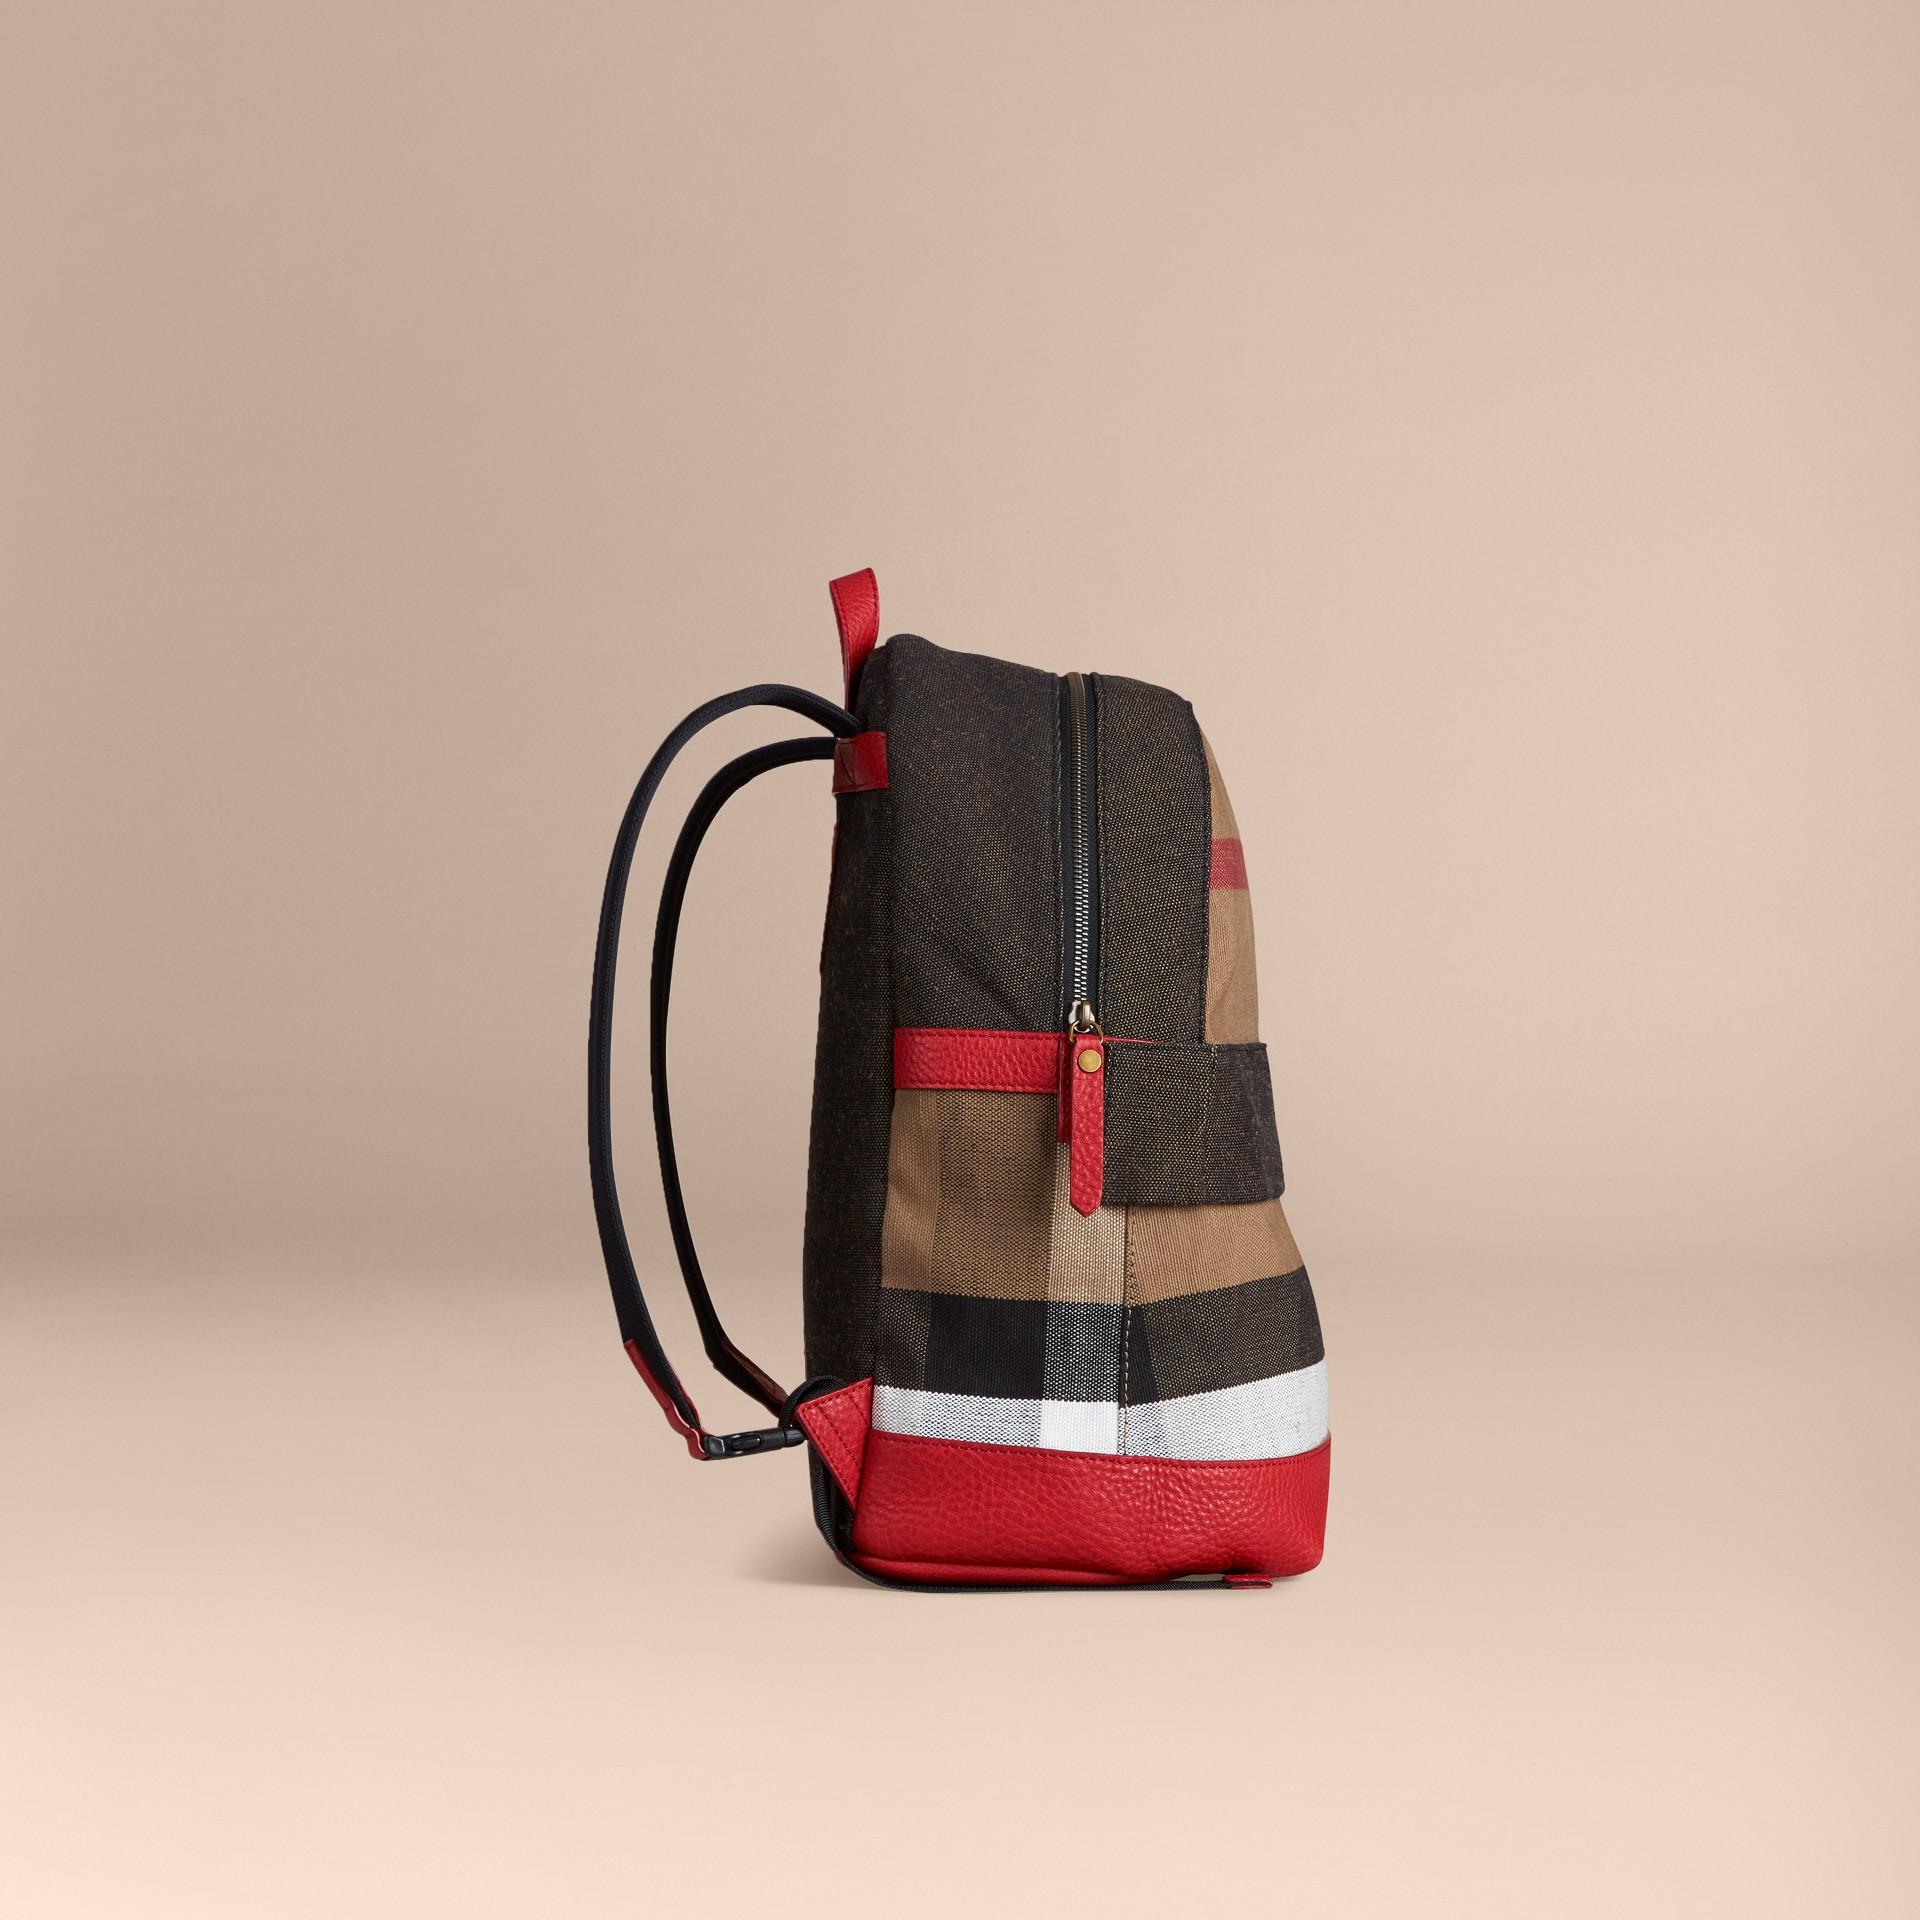 Vermelho militar claro Mochila com padrão Canvas check e acabamento de couro - galeria de imagens 3